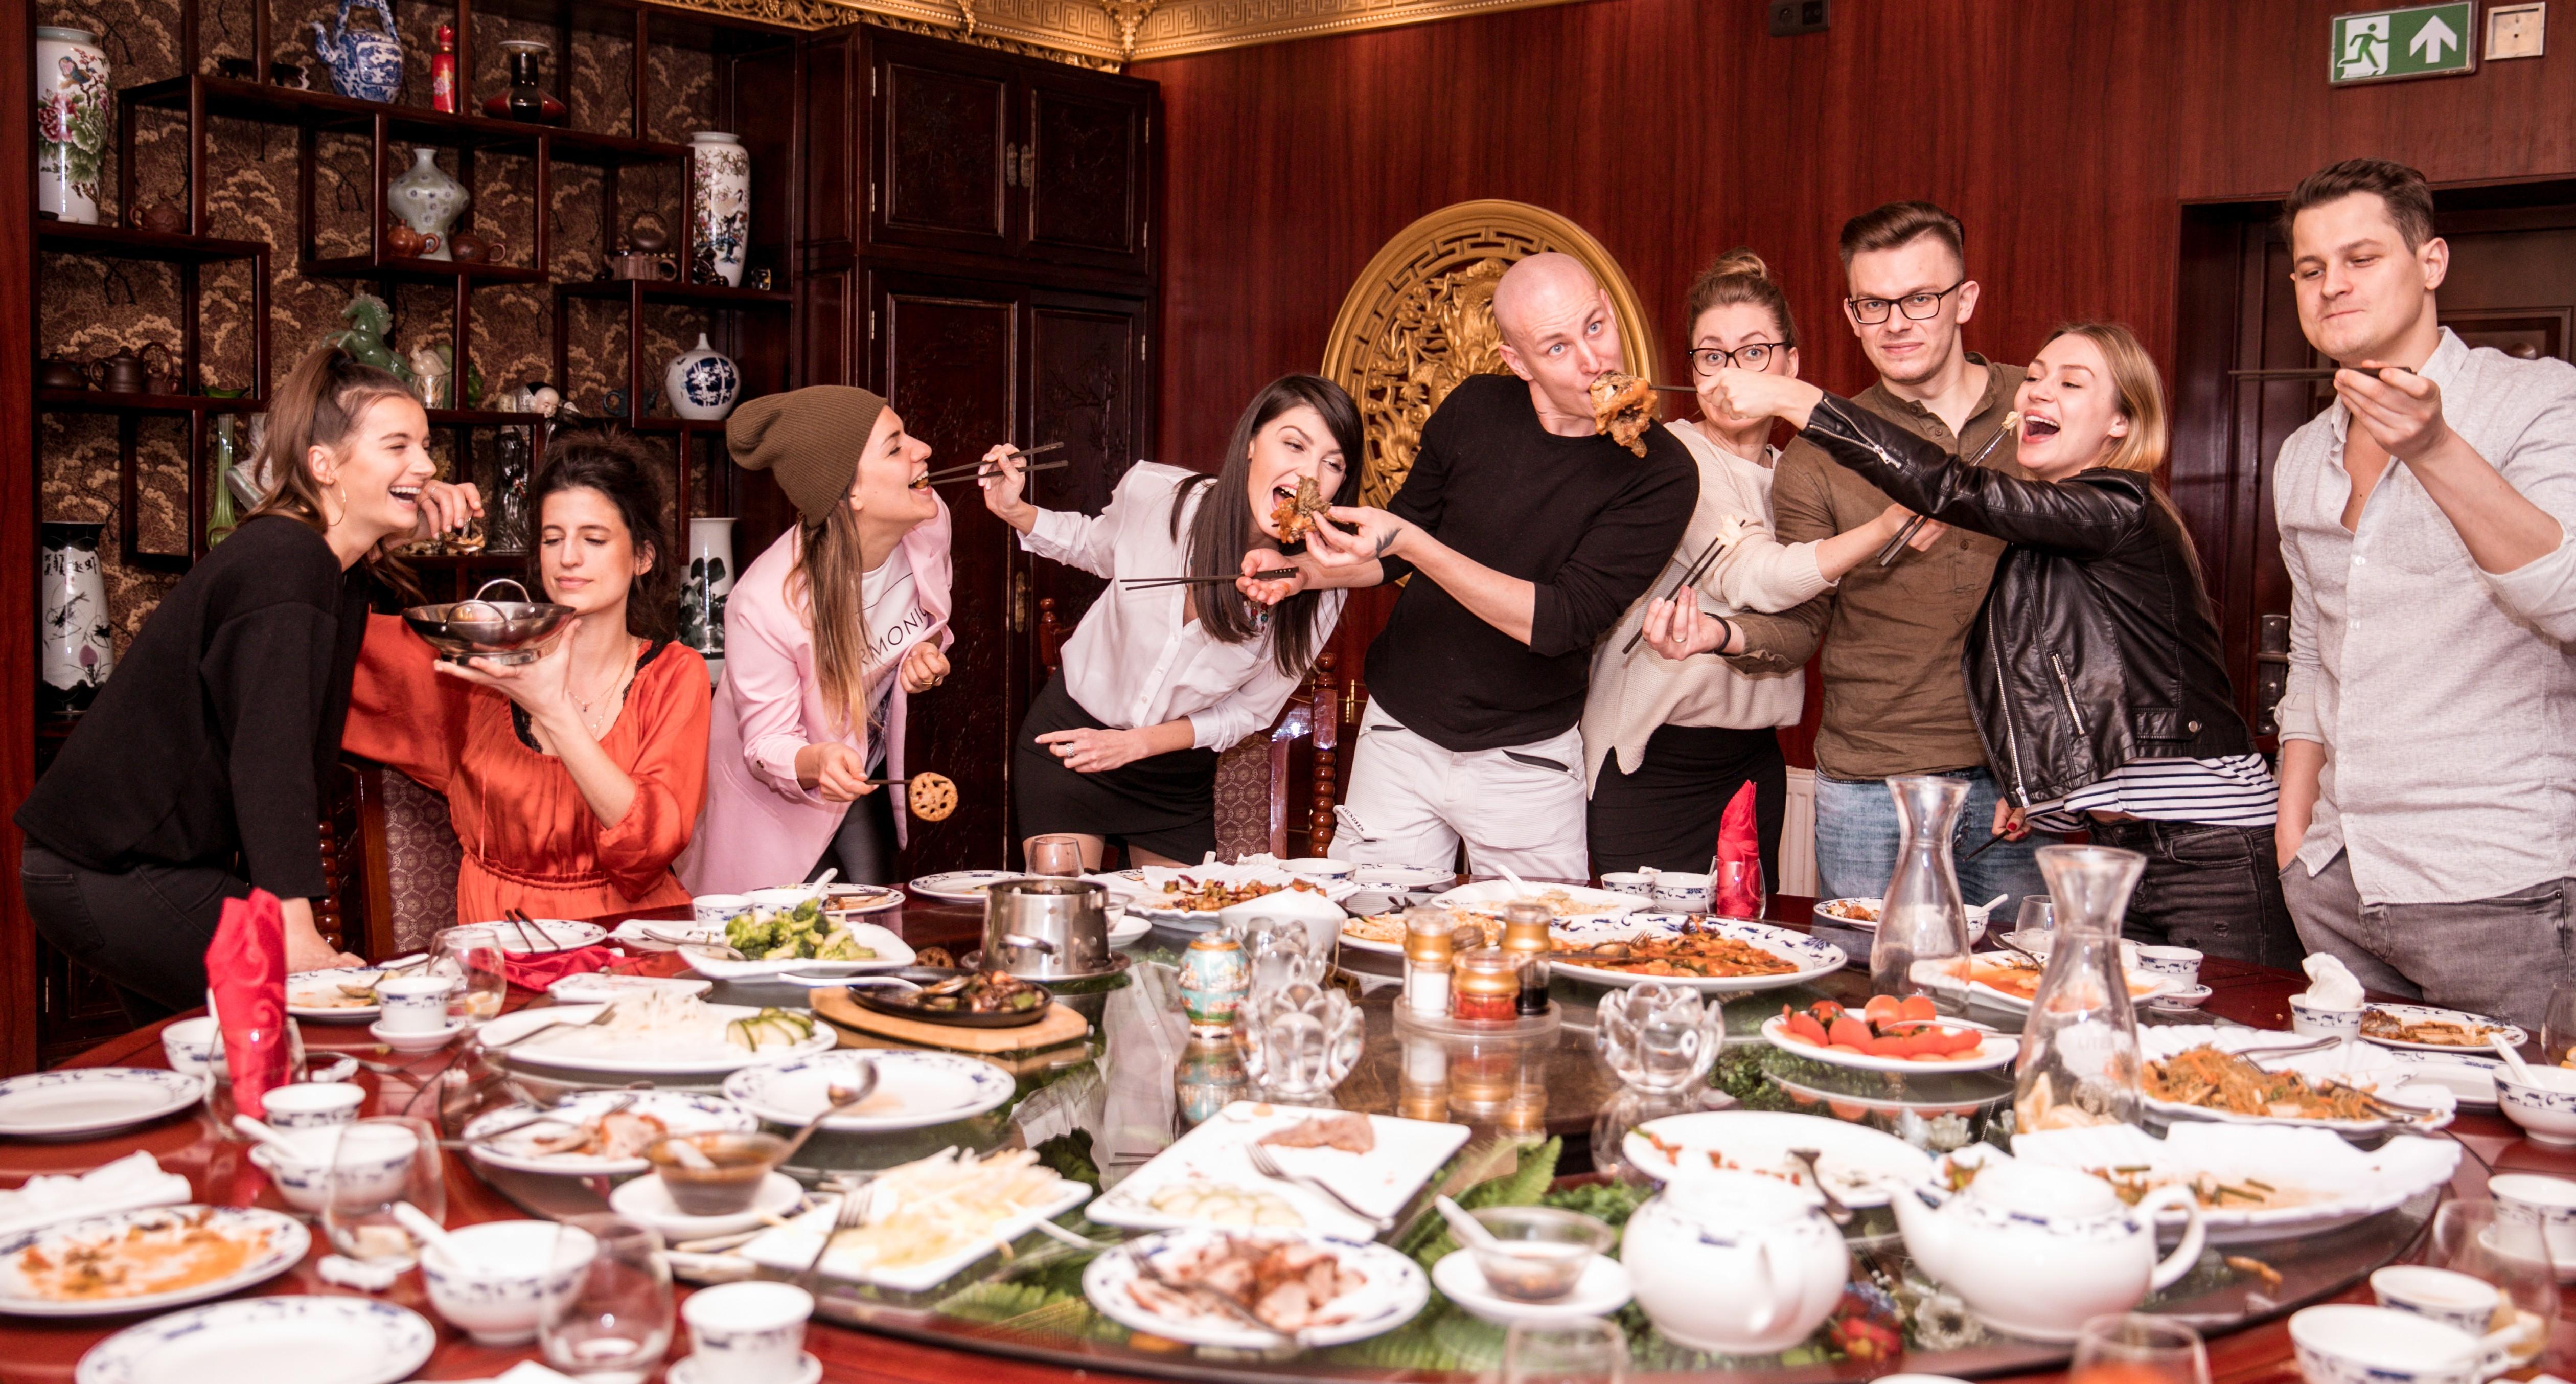 Chiny na talerzu – kuchnia chińska i etykieta przy stole w Państwie Środka